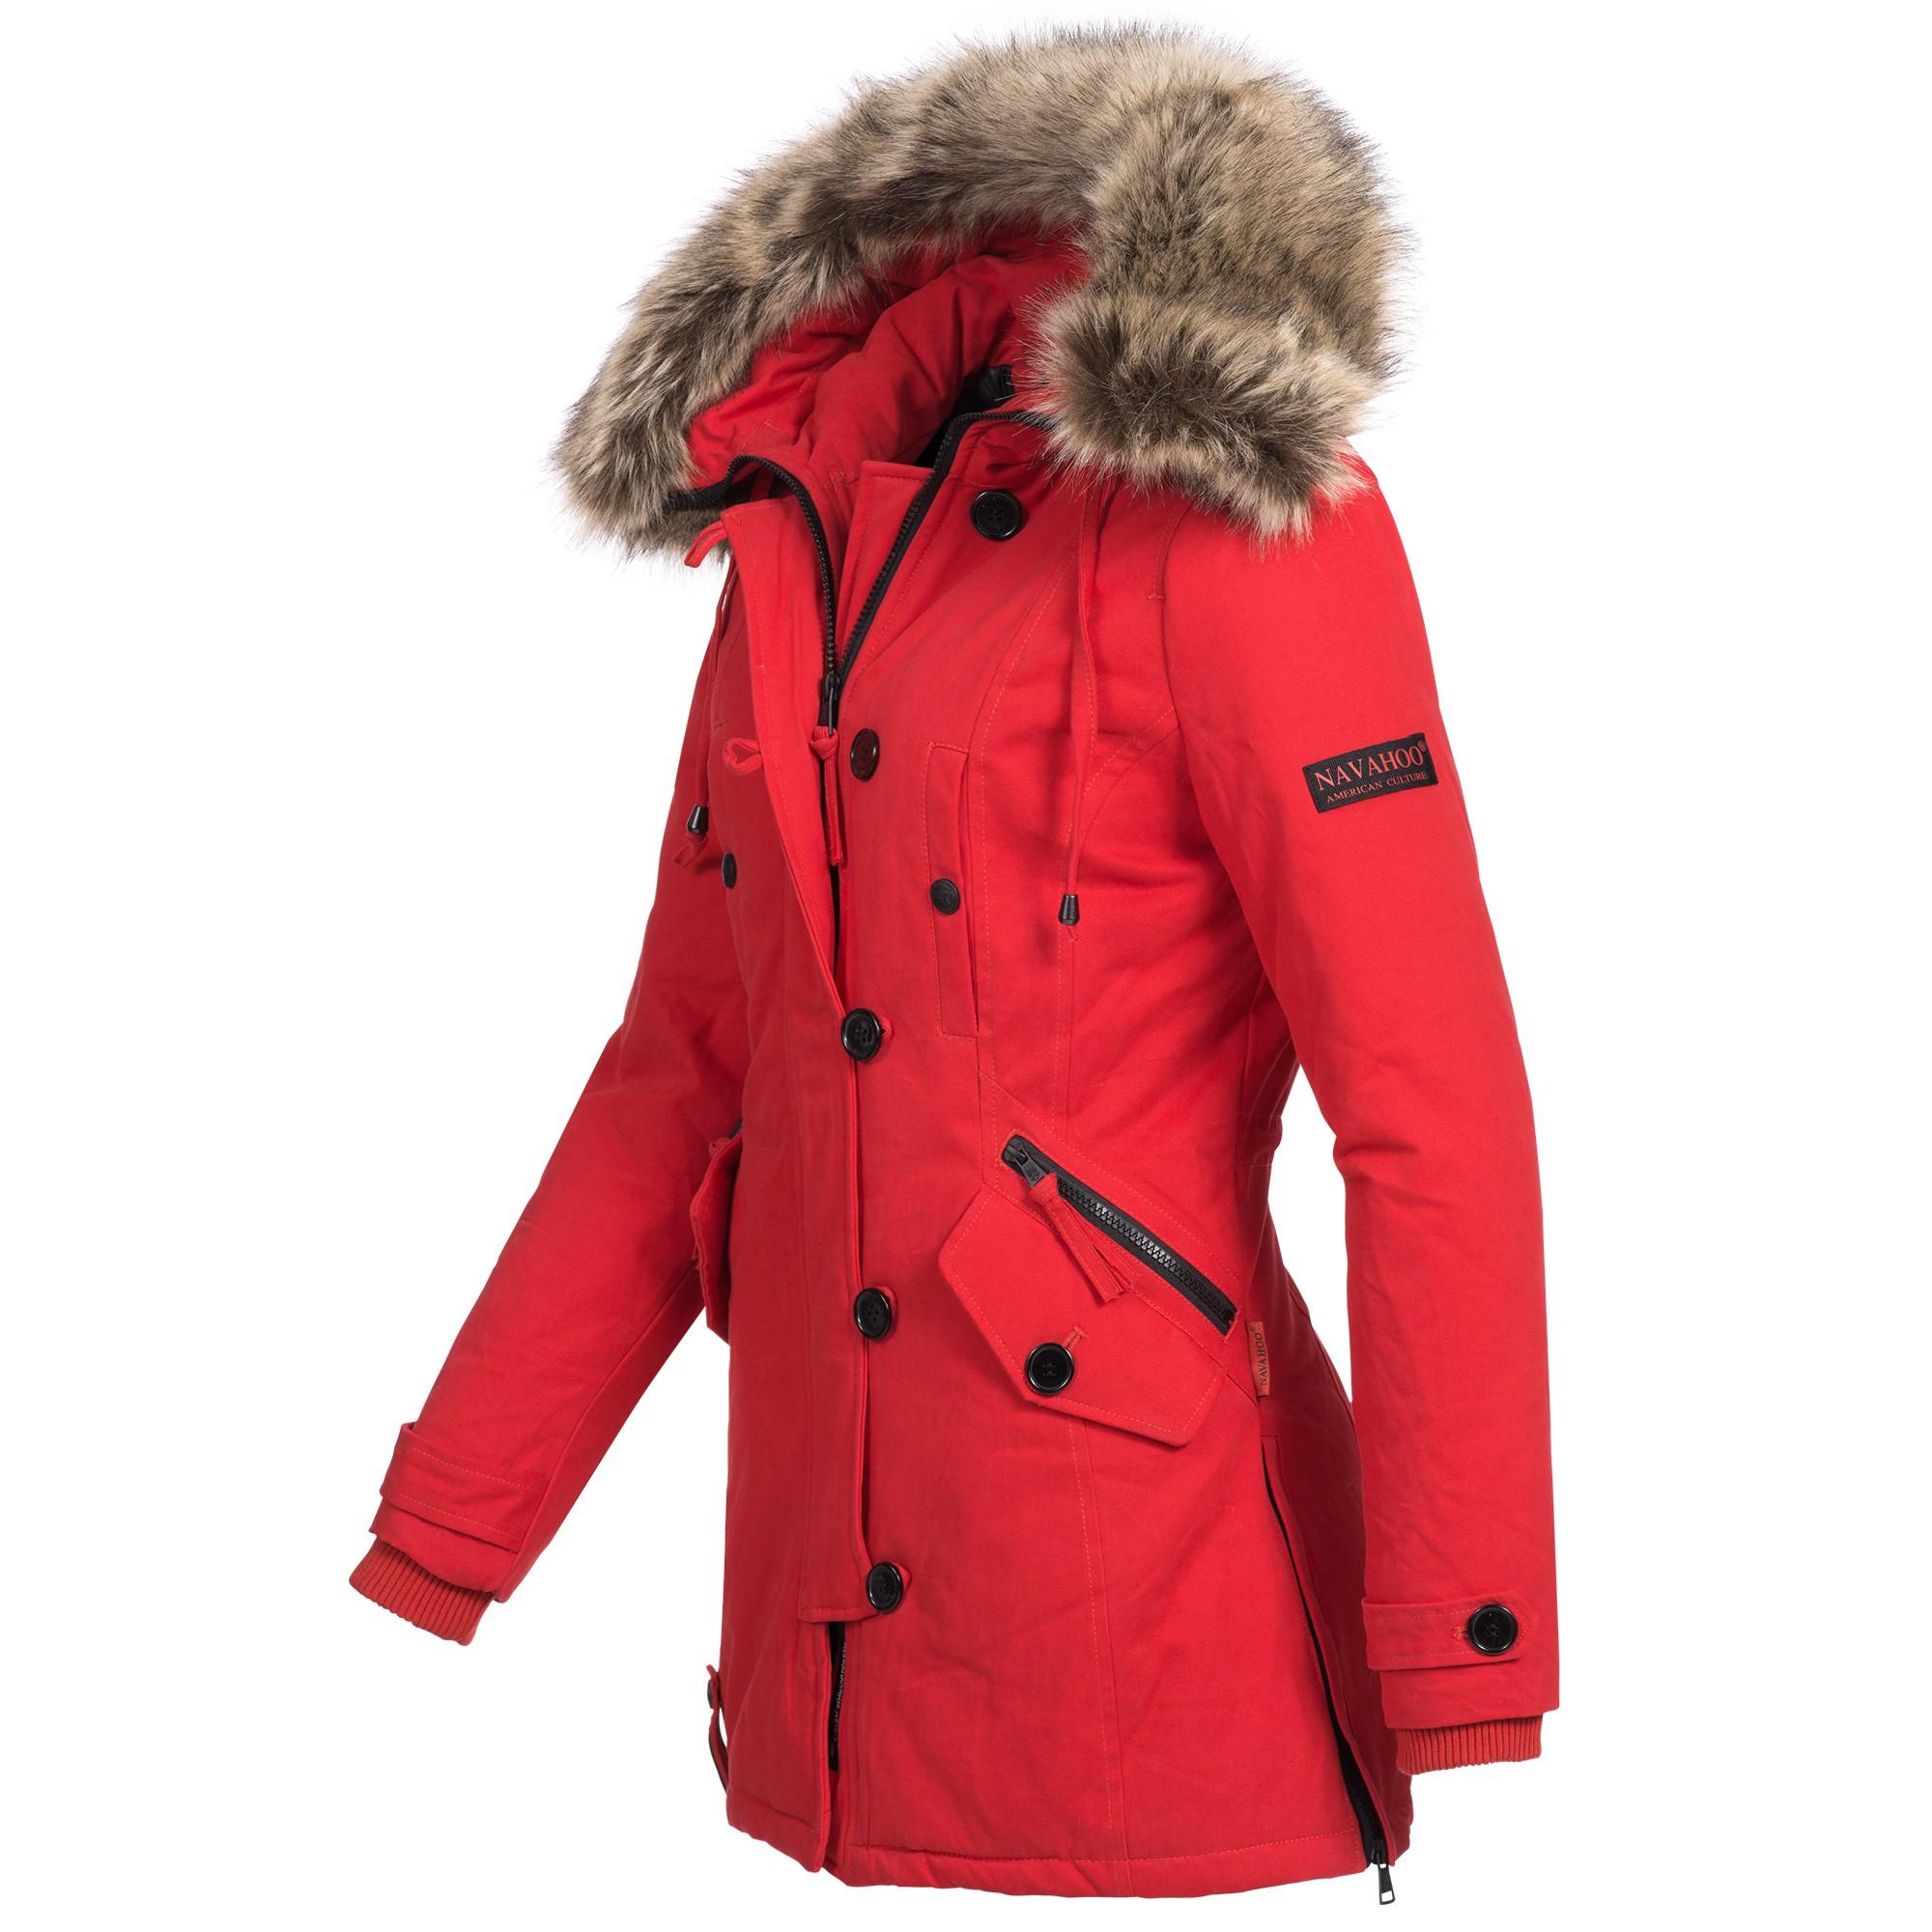 a91e2890bafaad Navahoo PAULINE Damen Jacke Parka Mantel Winterjacke warm gefüttert Luxus XS -XXL